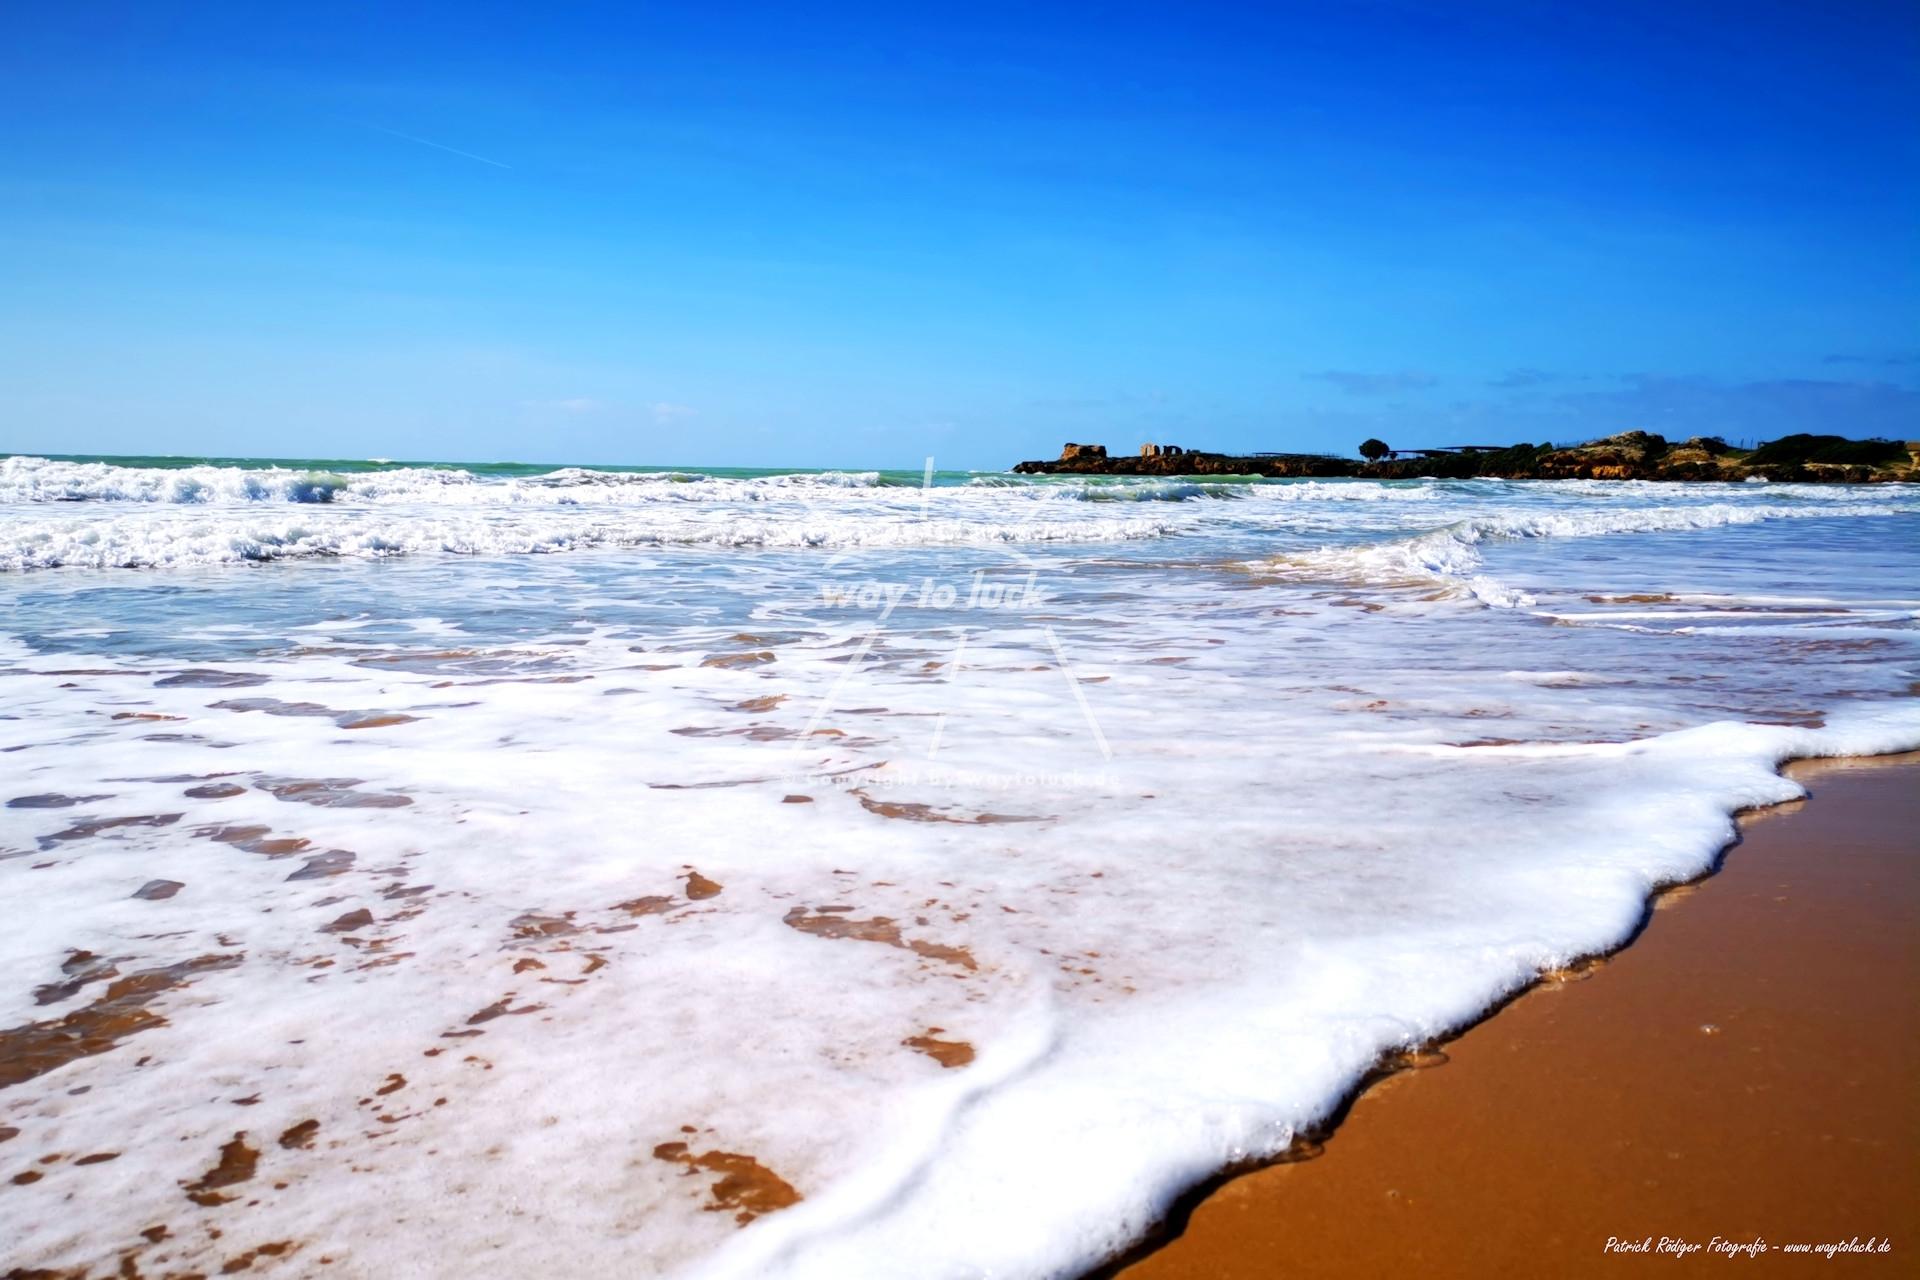 Wellenrauschen Sizilien Strand Meer Blauer Himmel